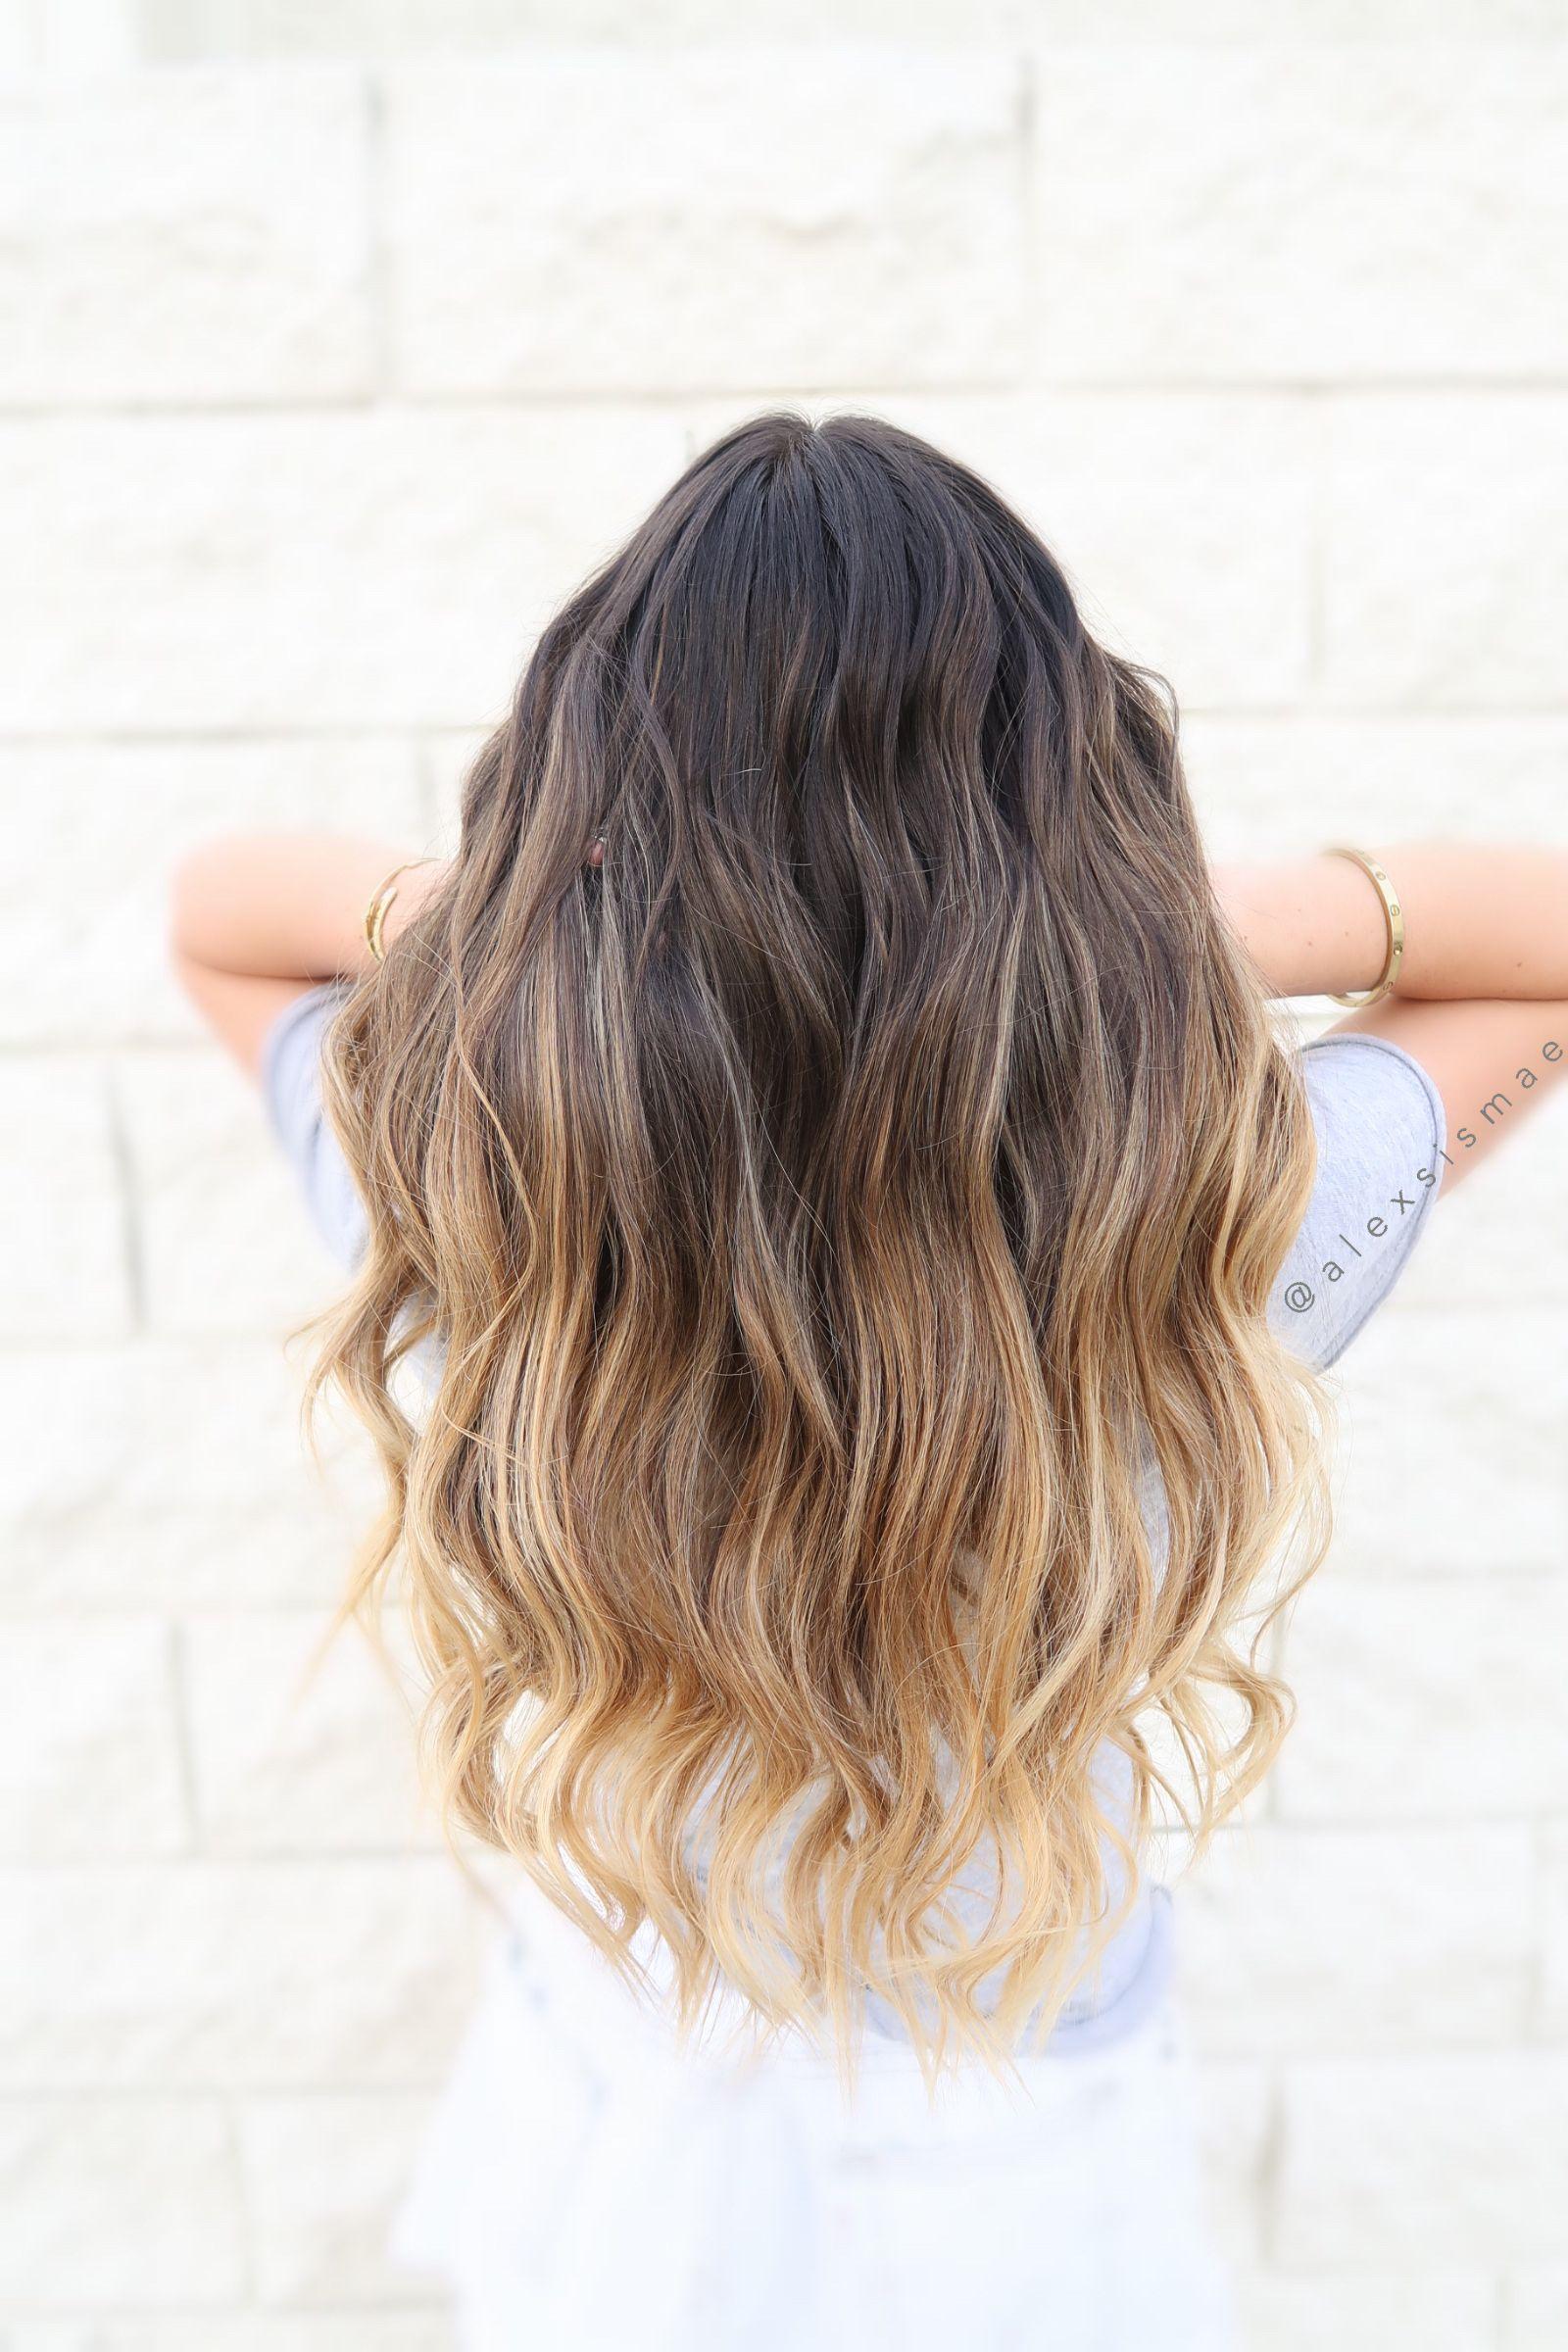 Blonde Balayage @alexsismae | Blonde balayage, Hair, Long hair styles